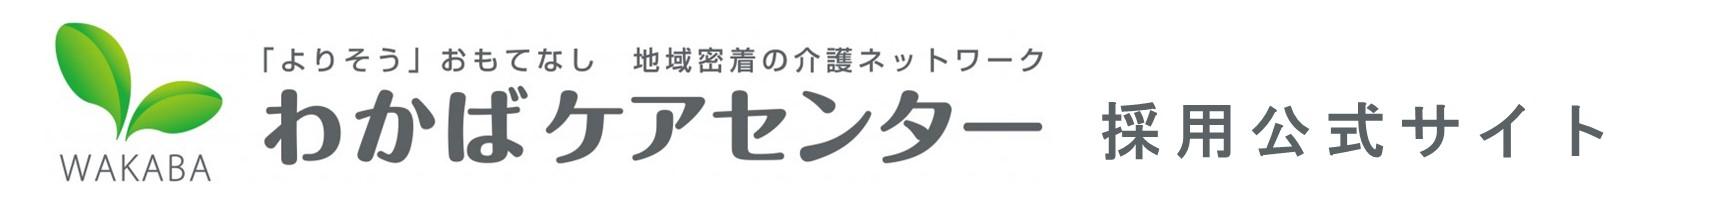 株式会社 わかばケアセンター 採用サイト